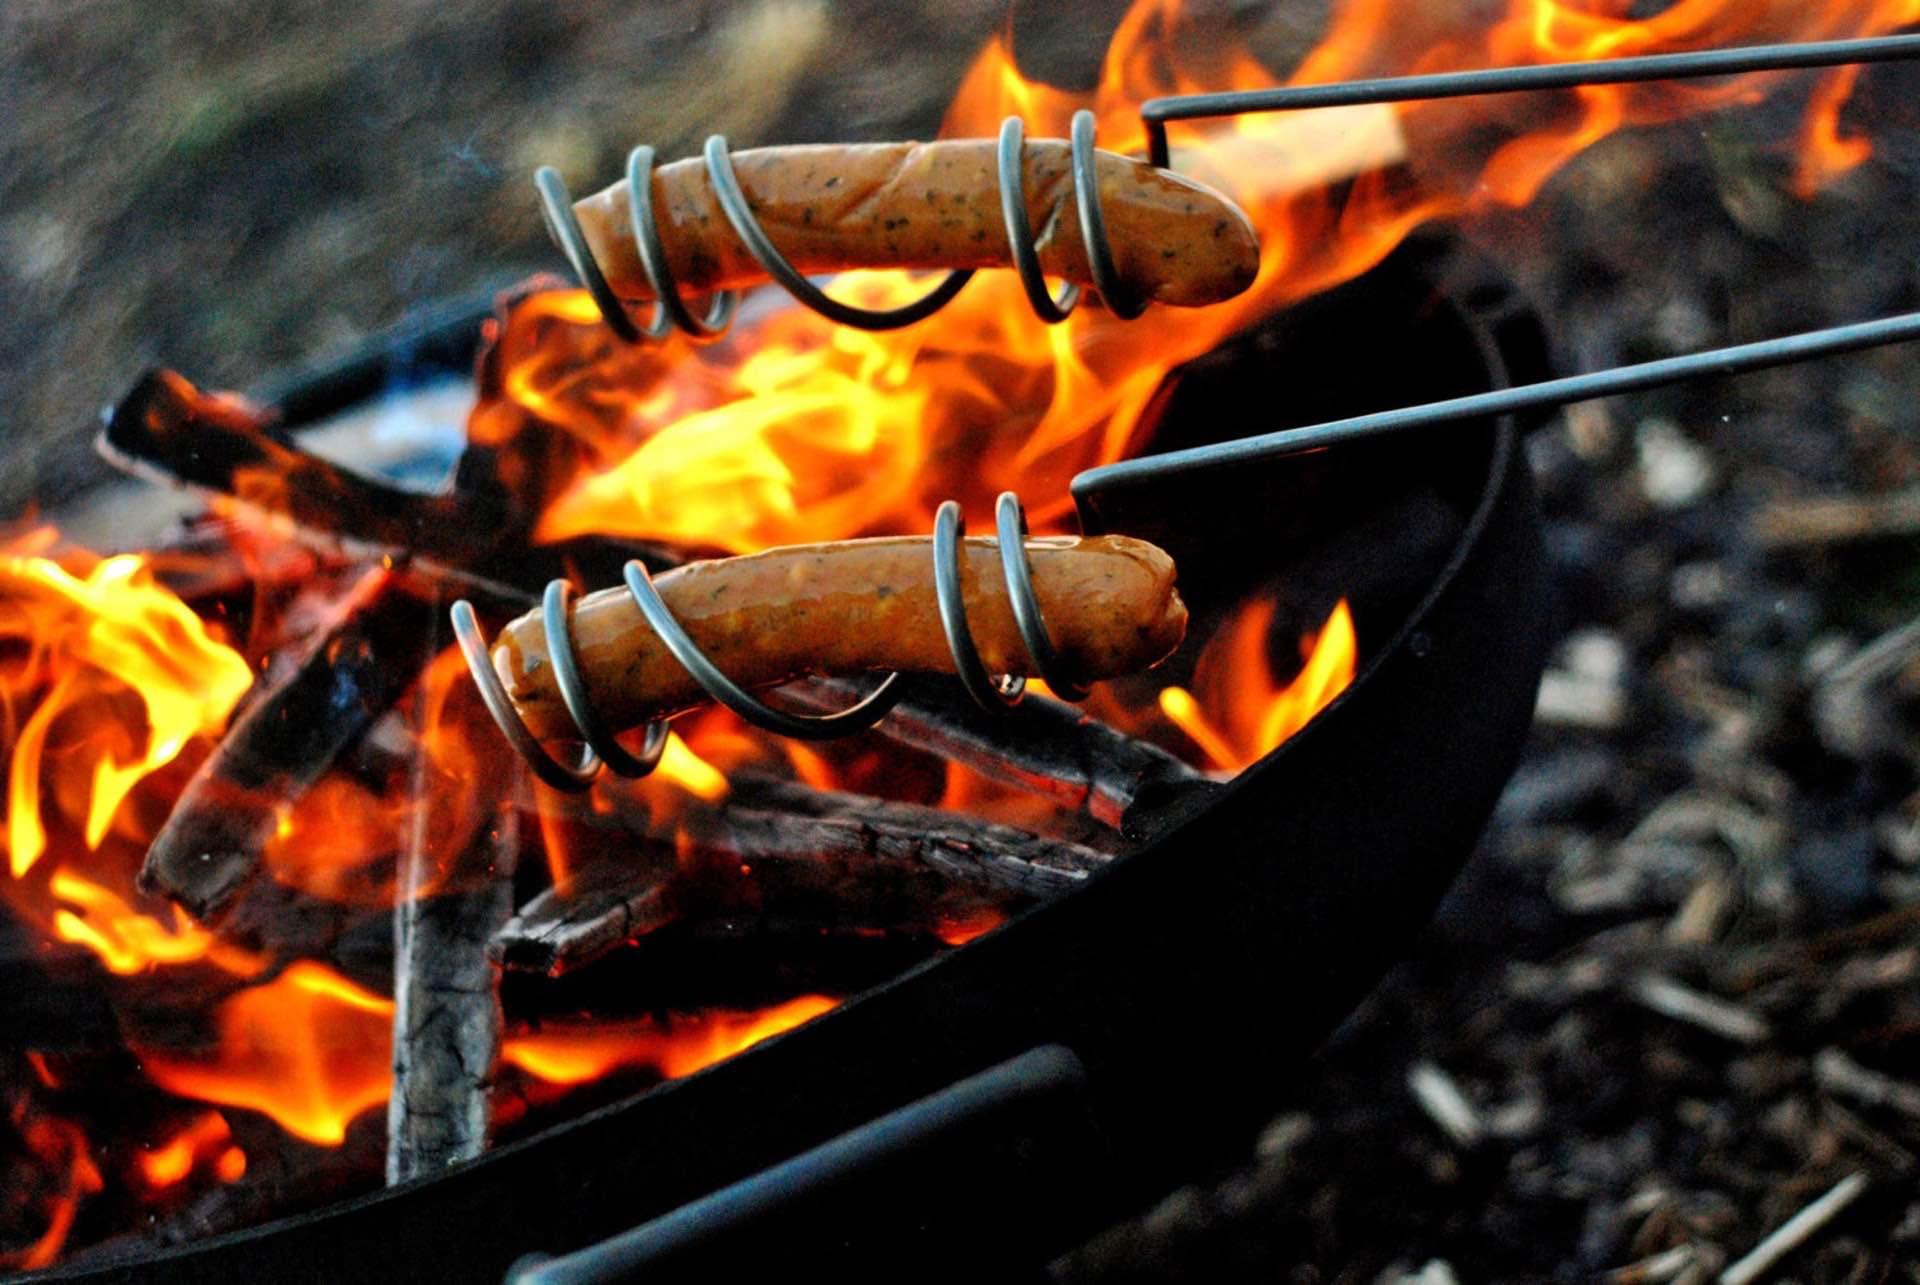 curly-dog-roasters-curly-hot-dog-roasting-sticks